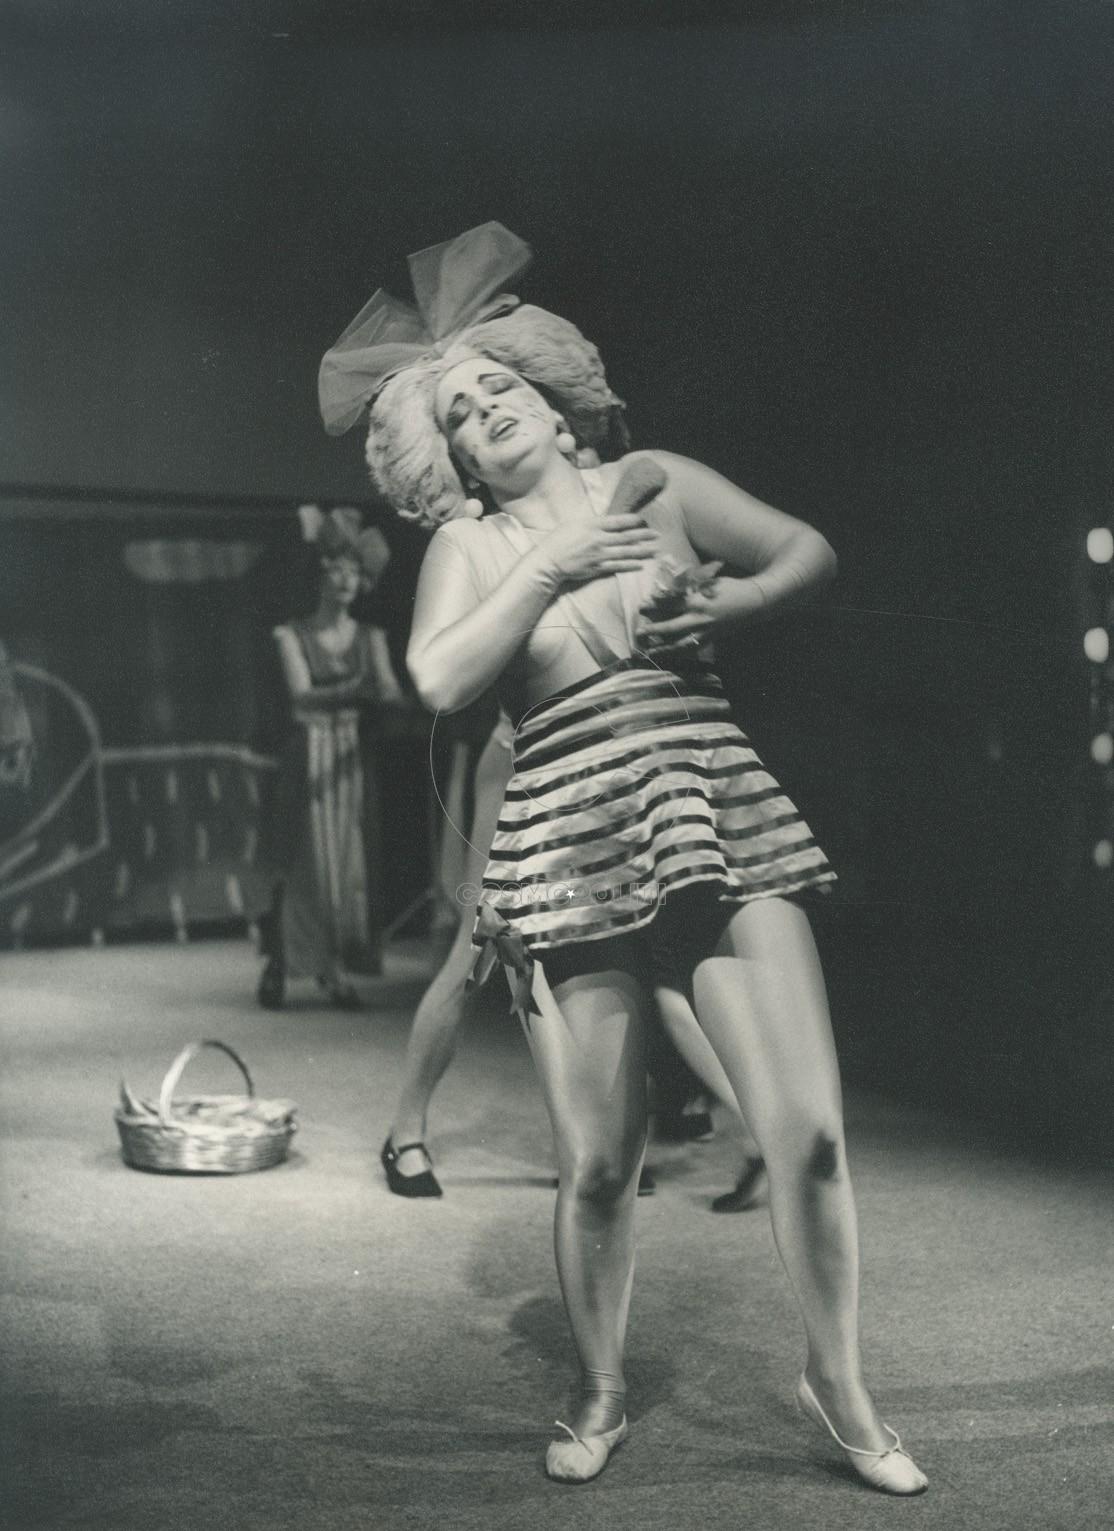 μασκες 1979